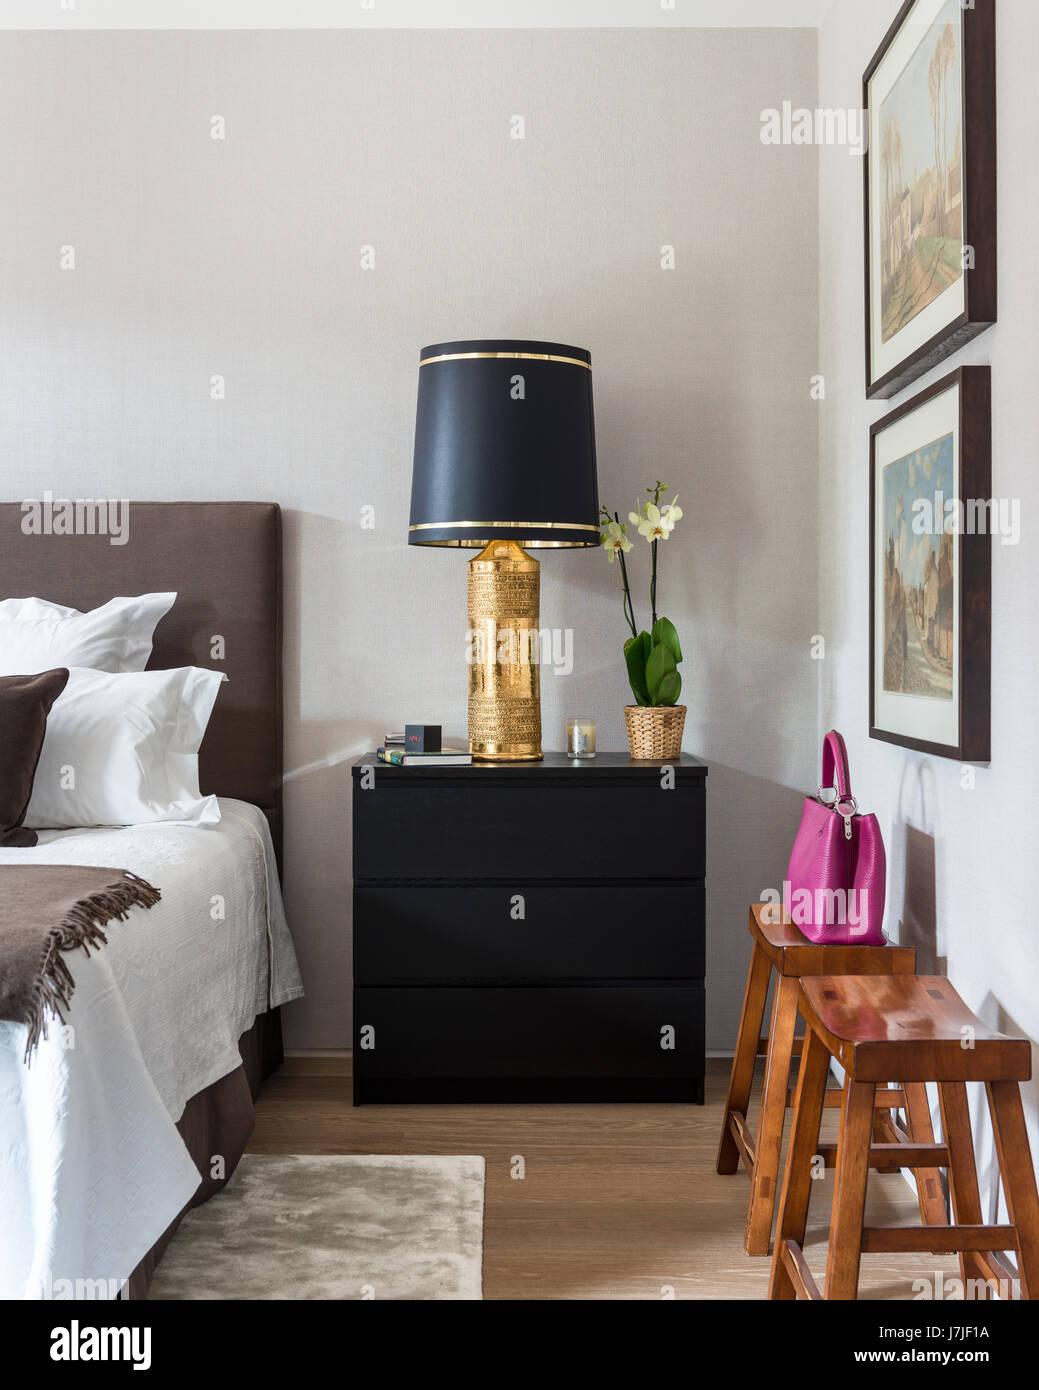 Applique Ikea Da Interno scrofetta comodino su ikea malm petto nella camera da letto